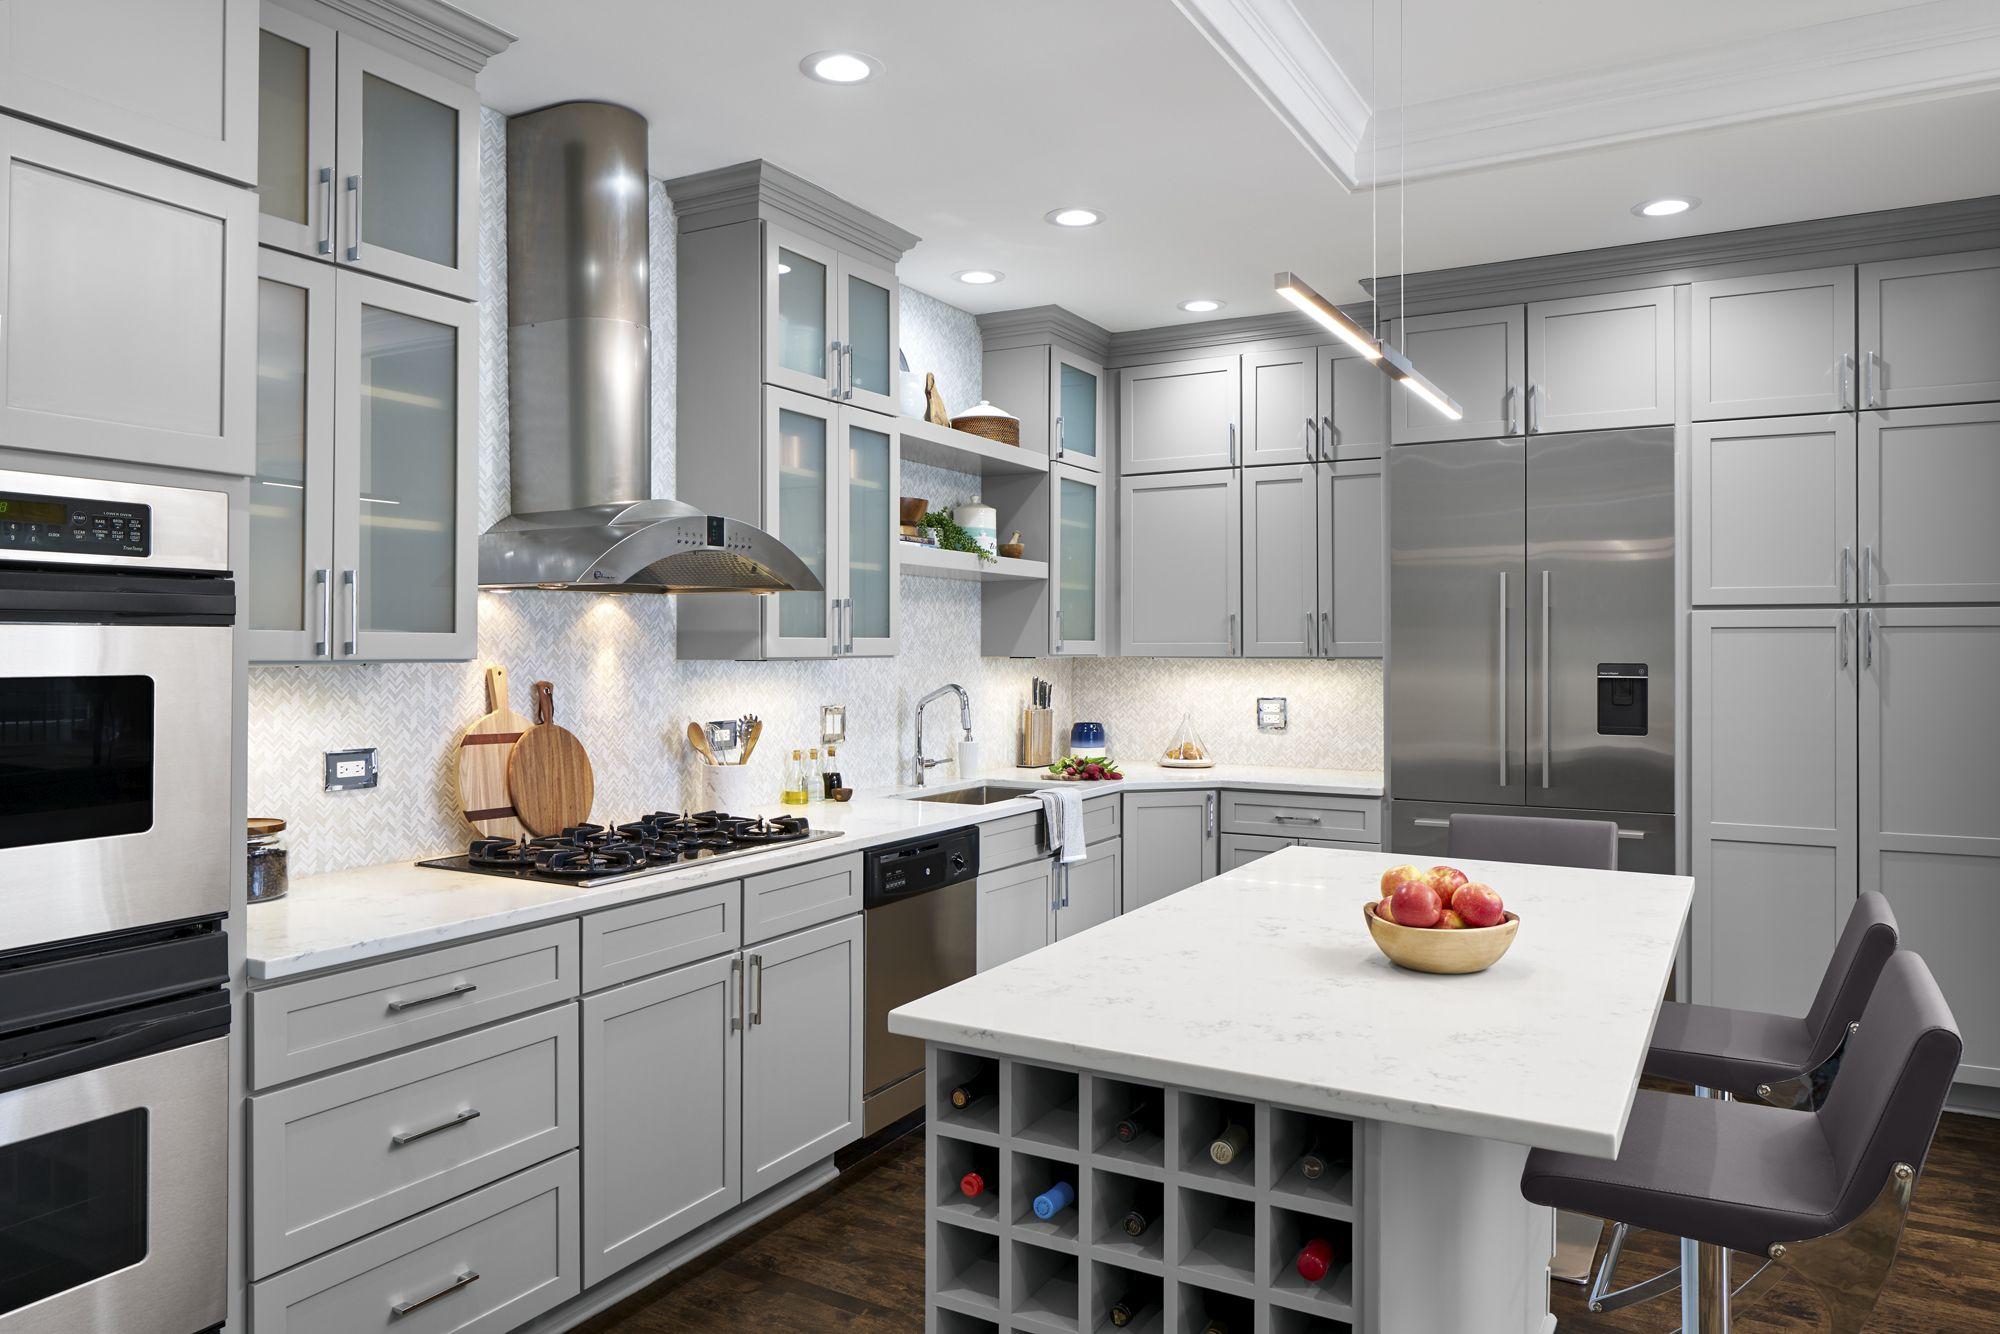 Oriental Kitchen Design Kitchen design, Free kitchen